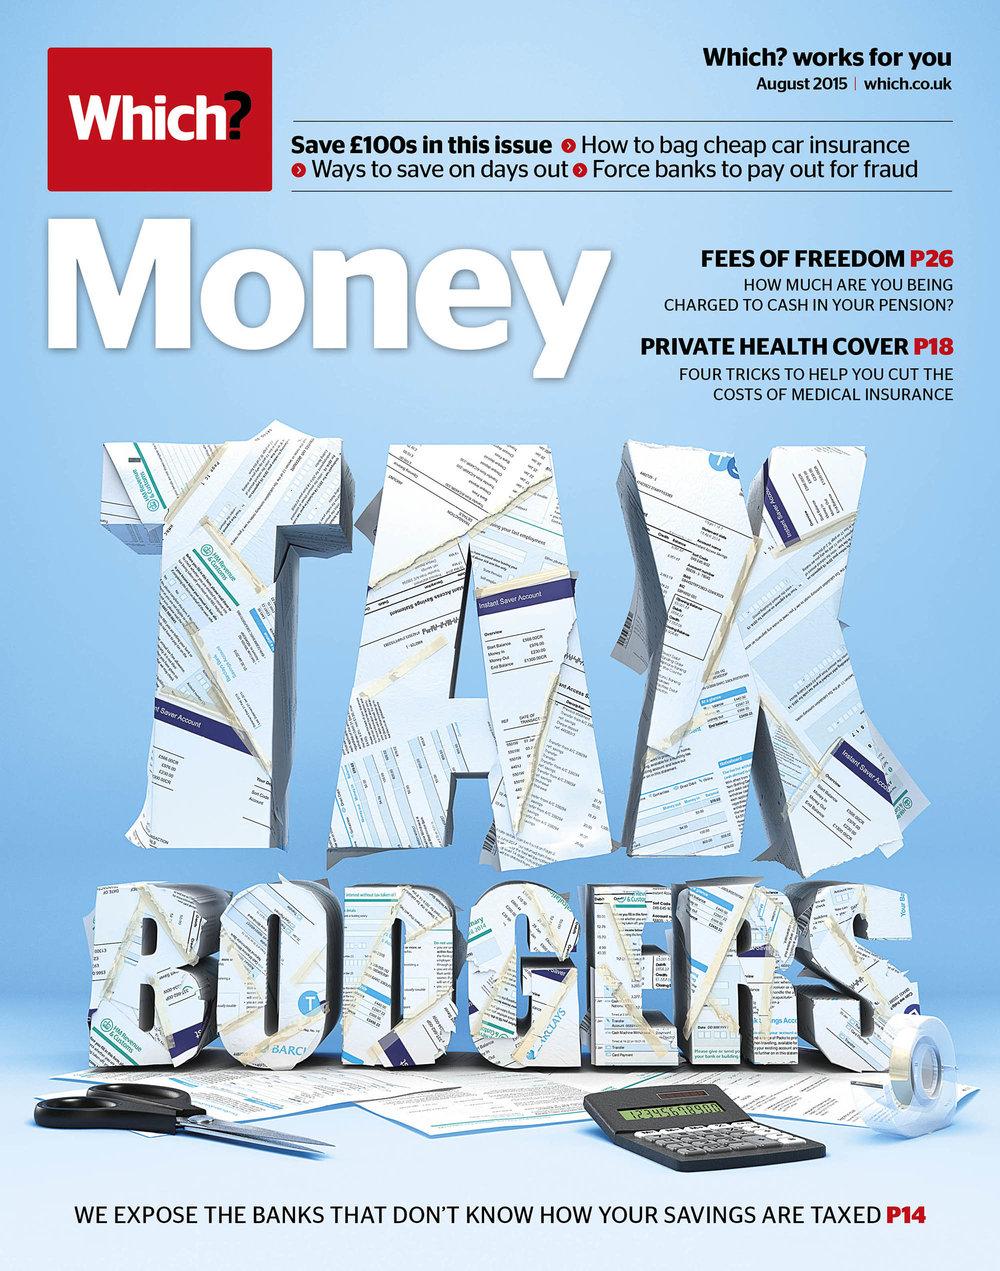 Tax_Bodgers.jpg